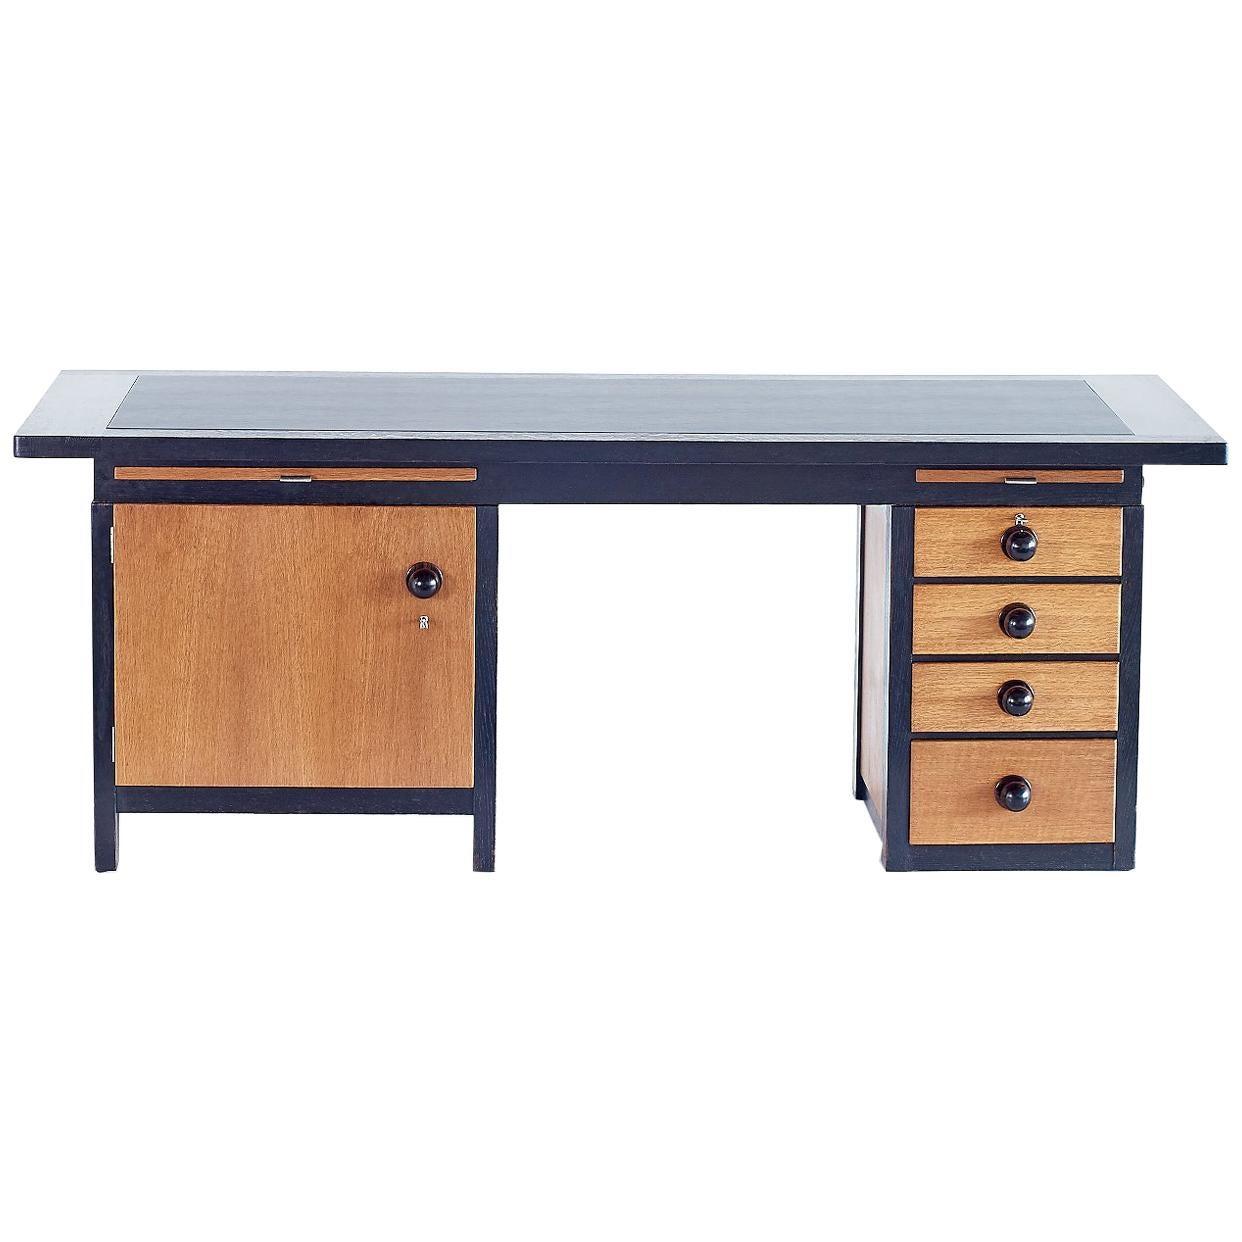 Frits Spanjaard Important Asymmetrical Desk in Oak and Macassar Ebony, 1932